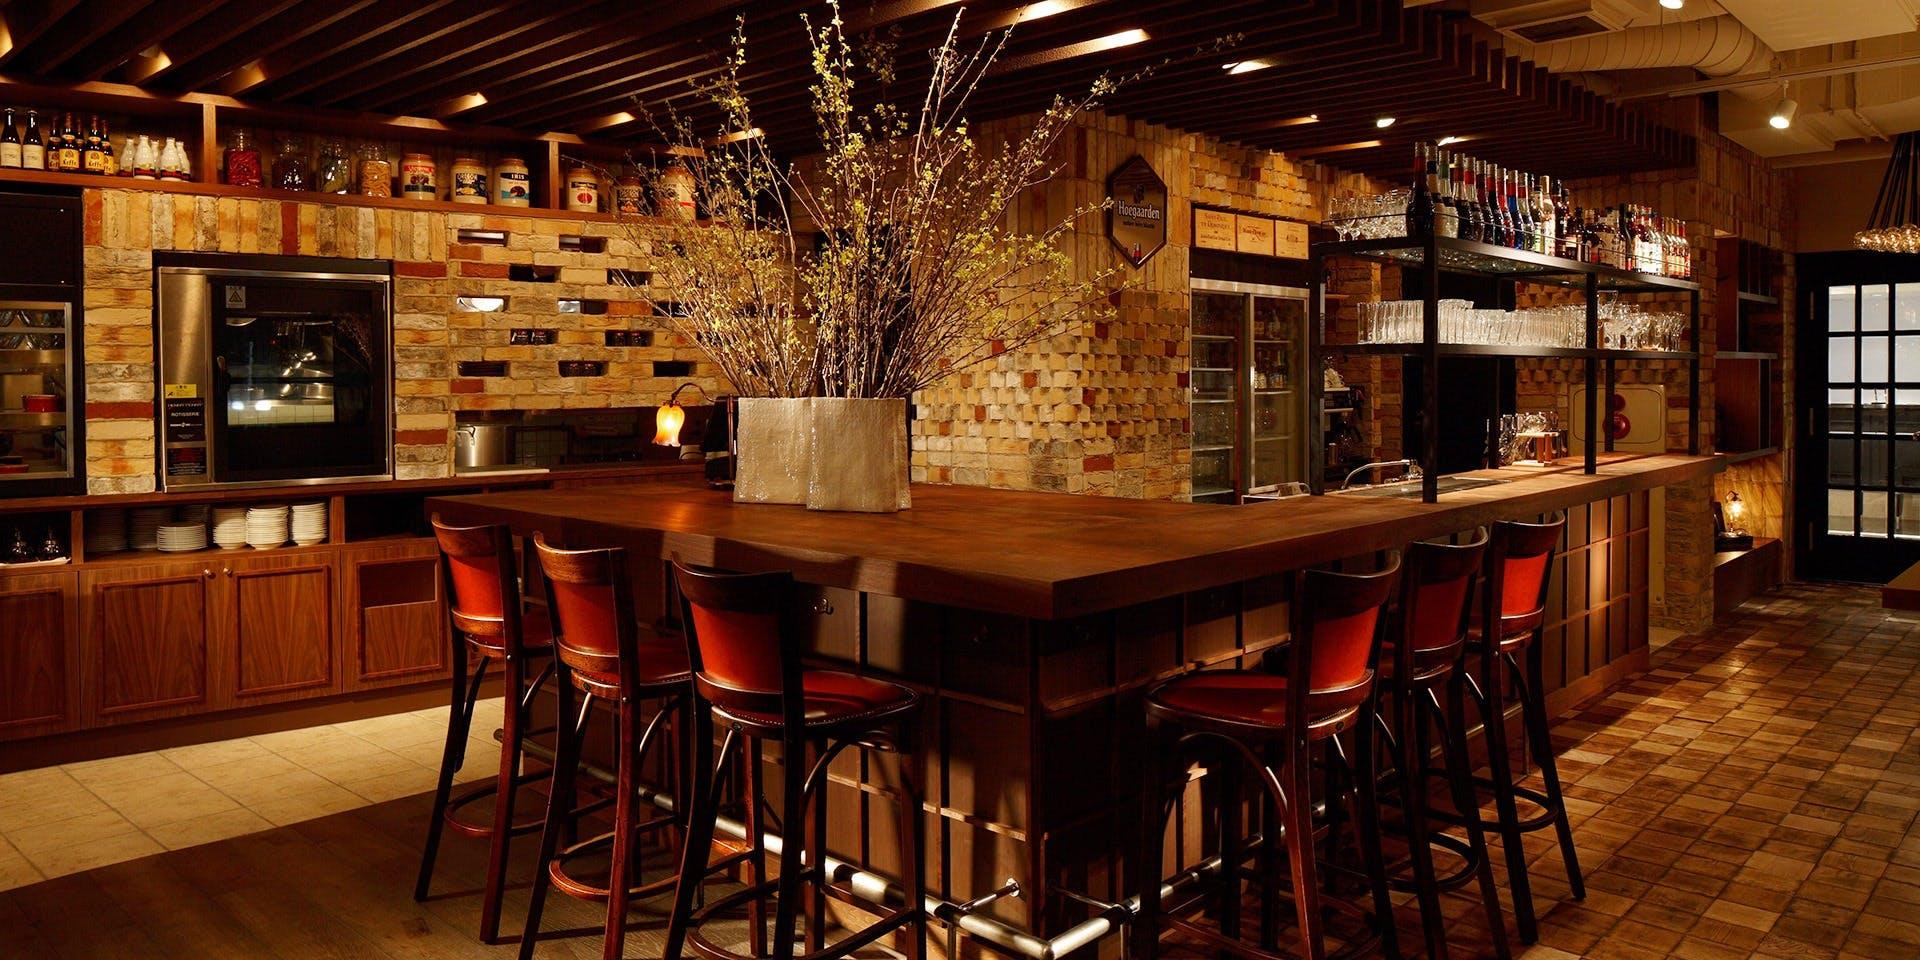 記念日におすすめのレストラン・Cafe & Rotisserie LA COCORICO 上野/ホテルサンルートステラ上野の写真2